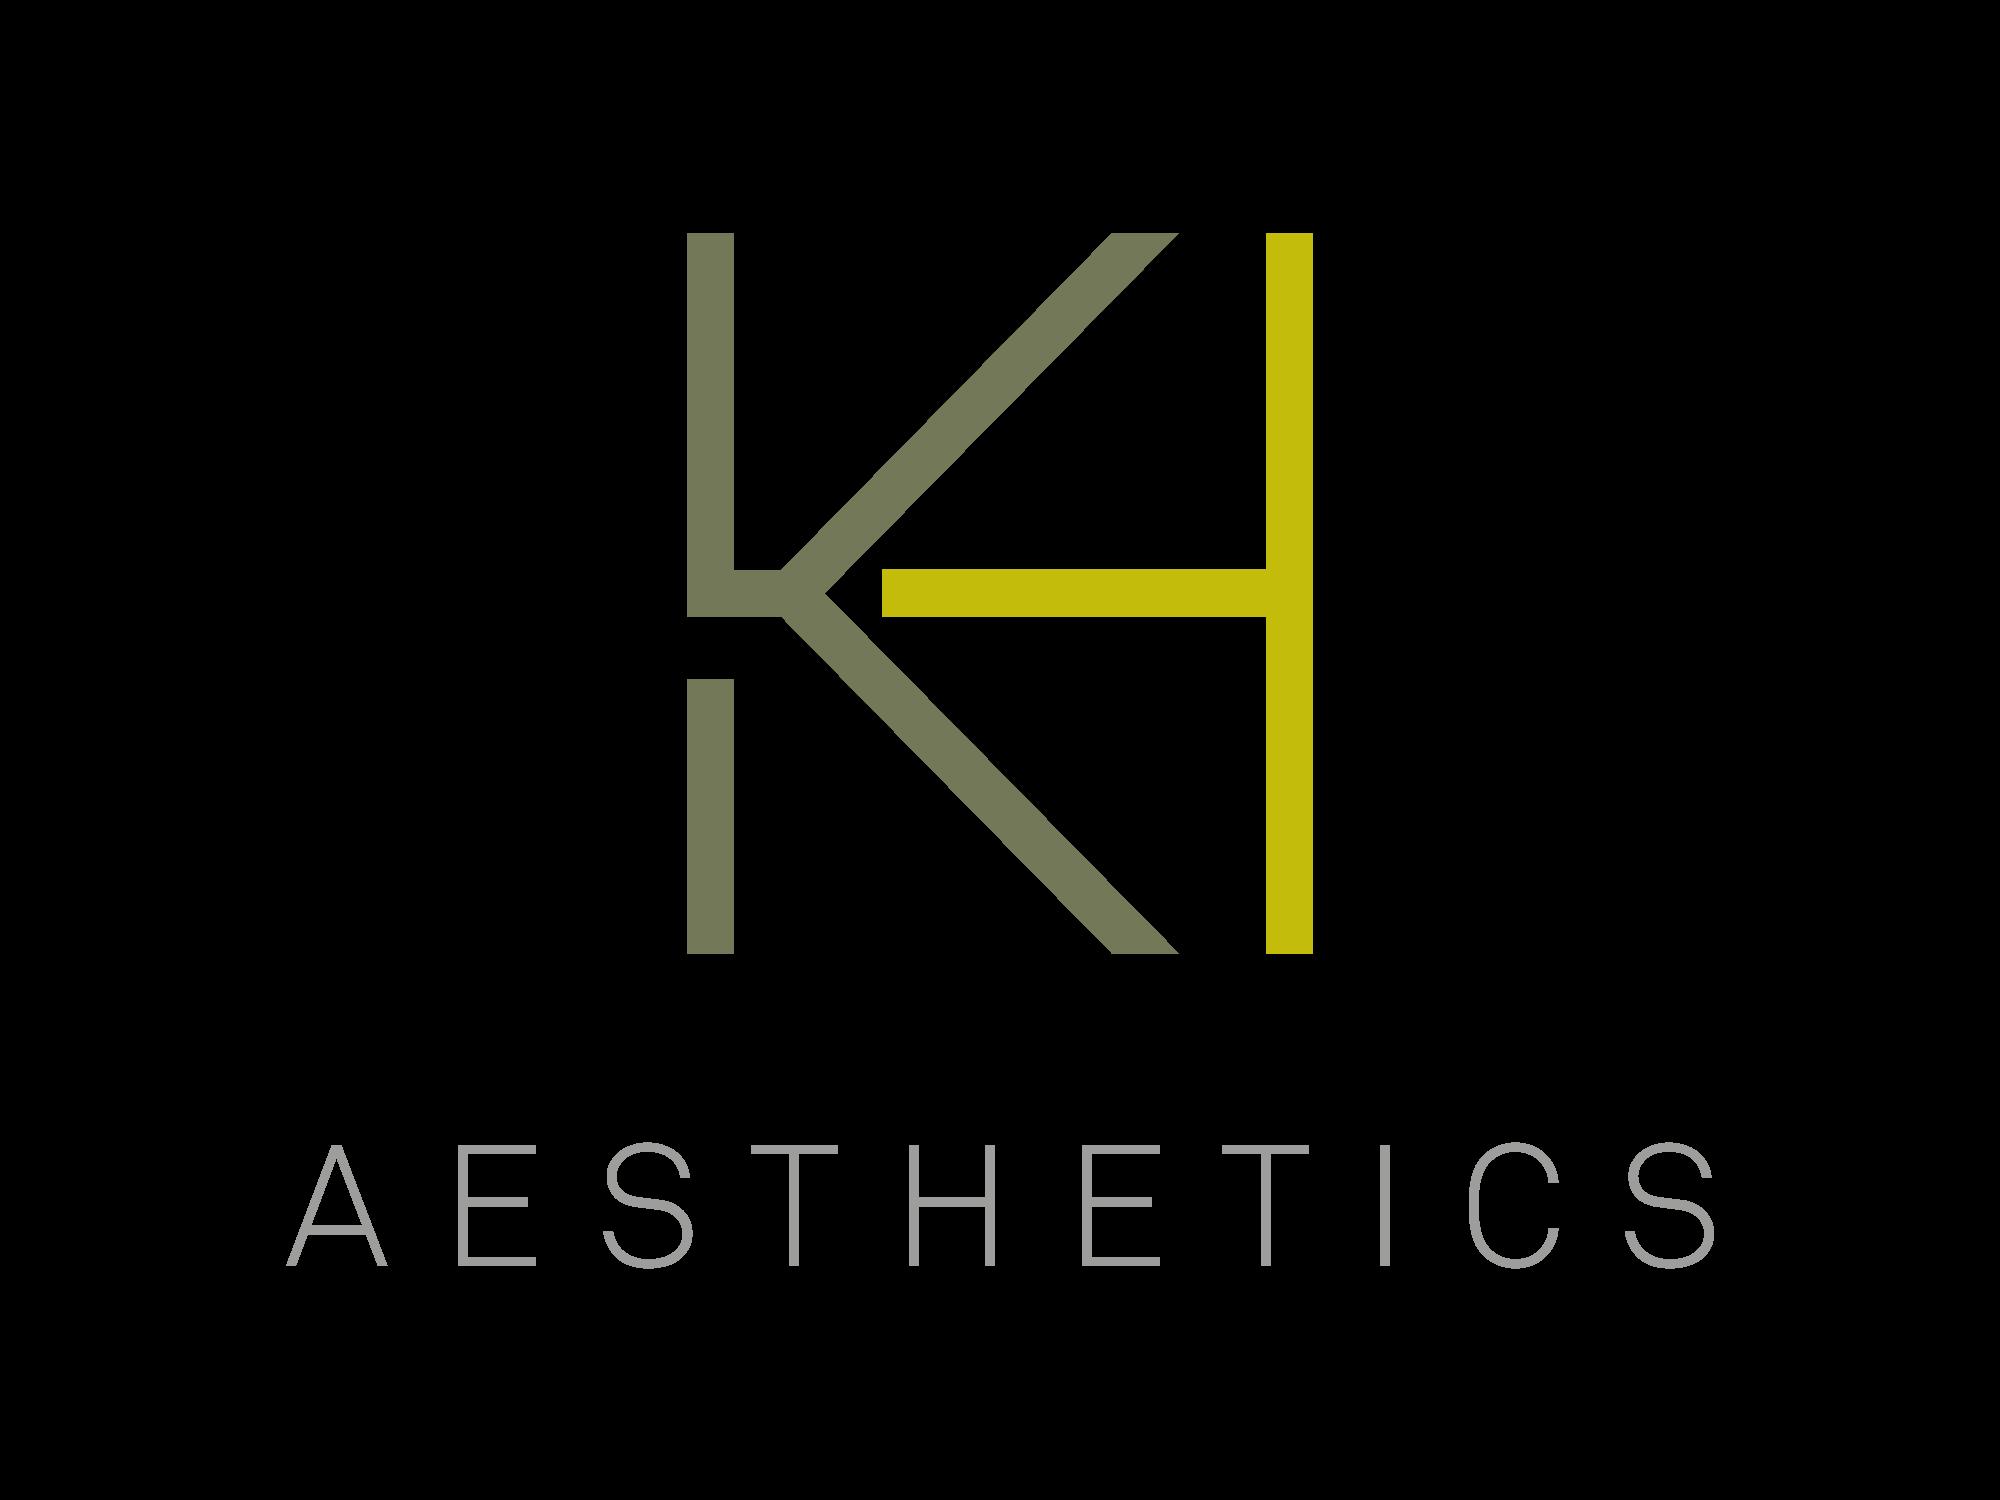 Karen Hunter Aesthetics